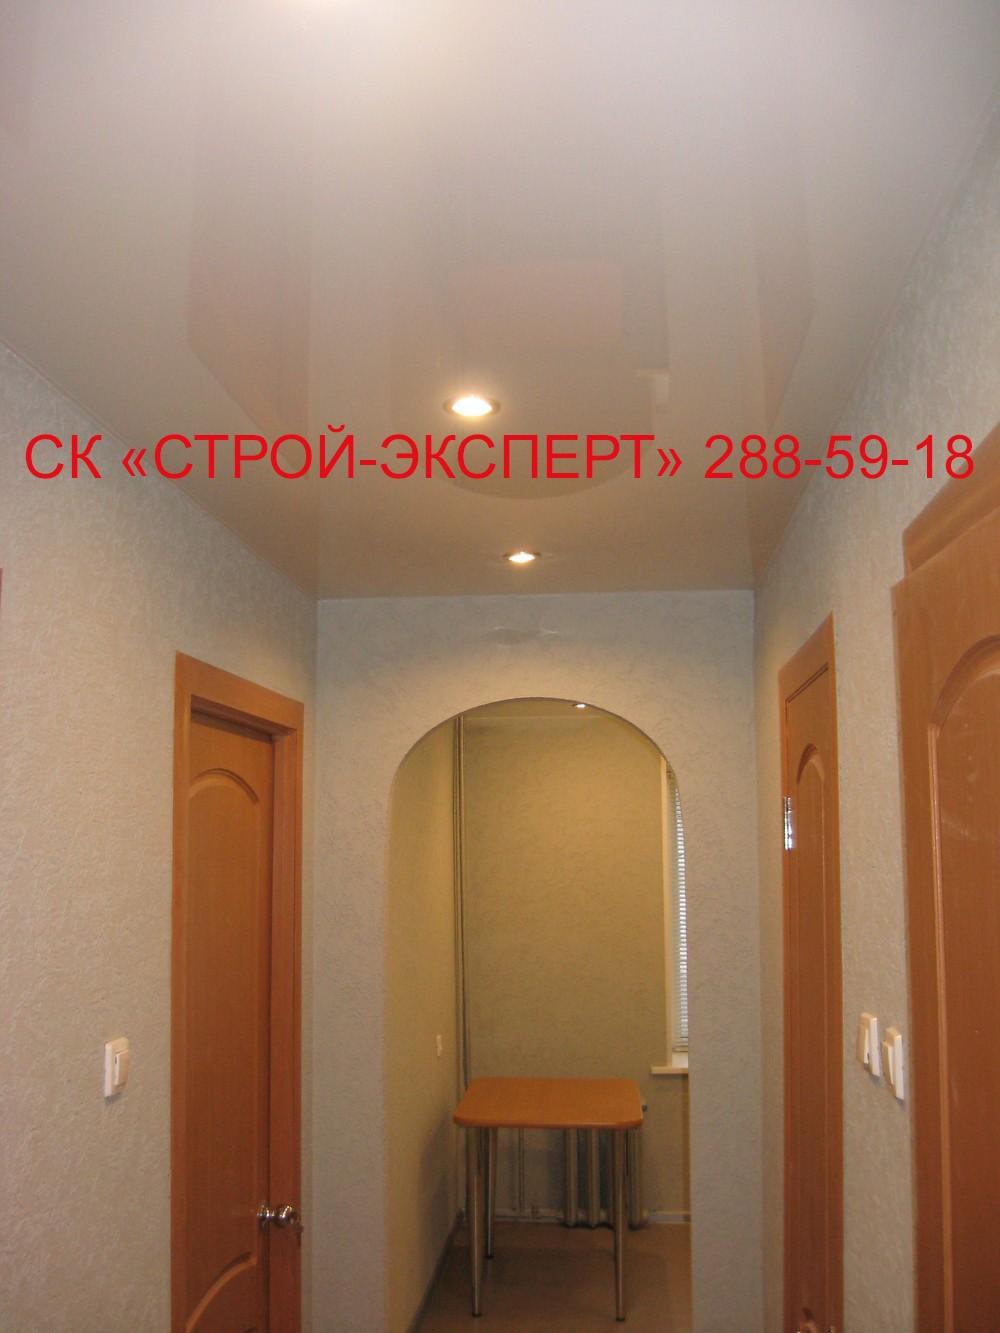 ФОТО-ГАЛЕРЕЯ - Внутренняя отделка помещений фото - Внутренняя отделка помещений Пермь